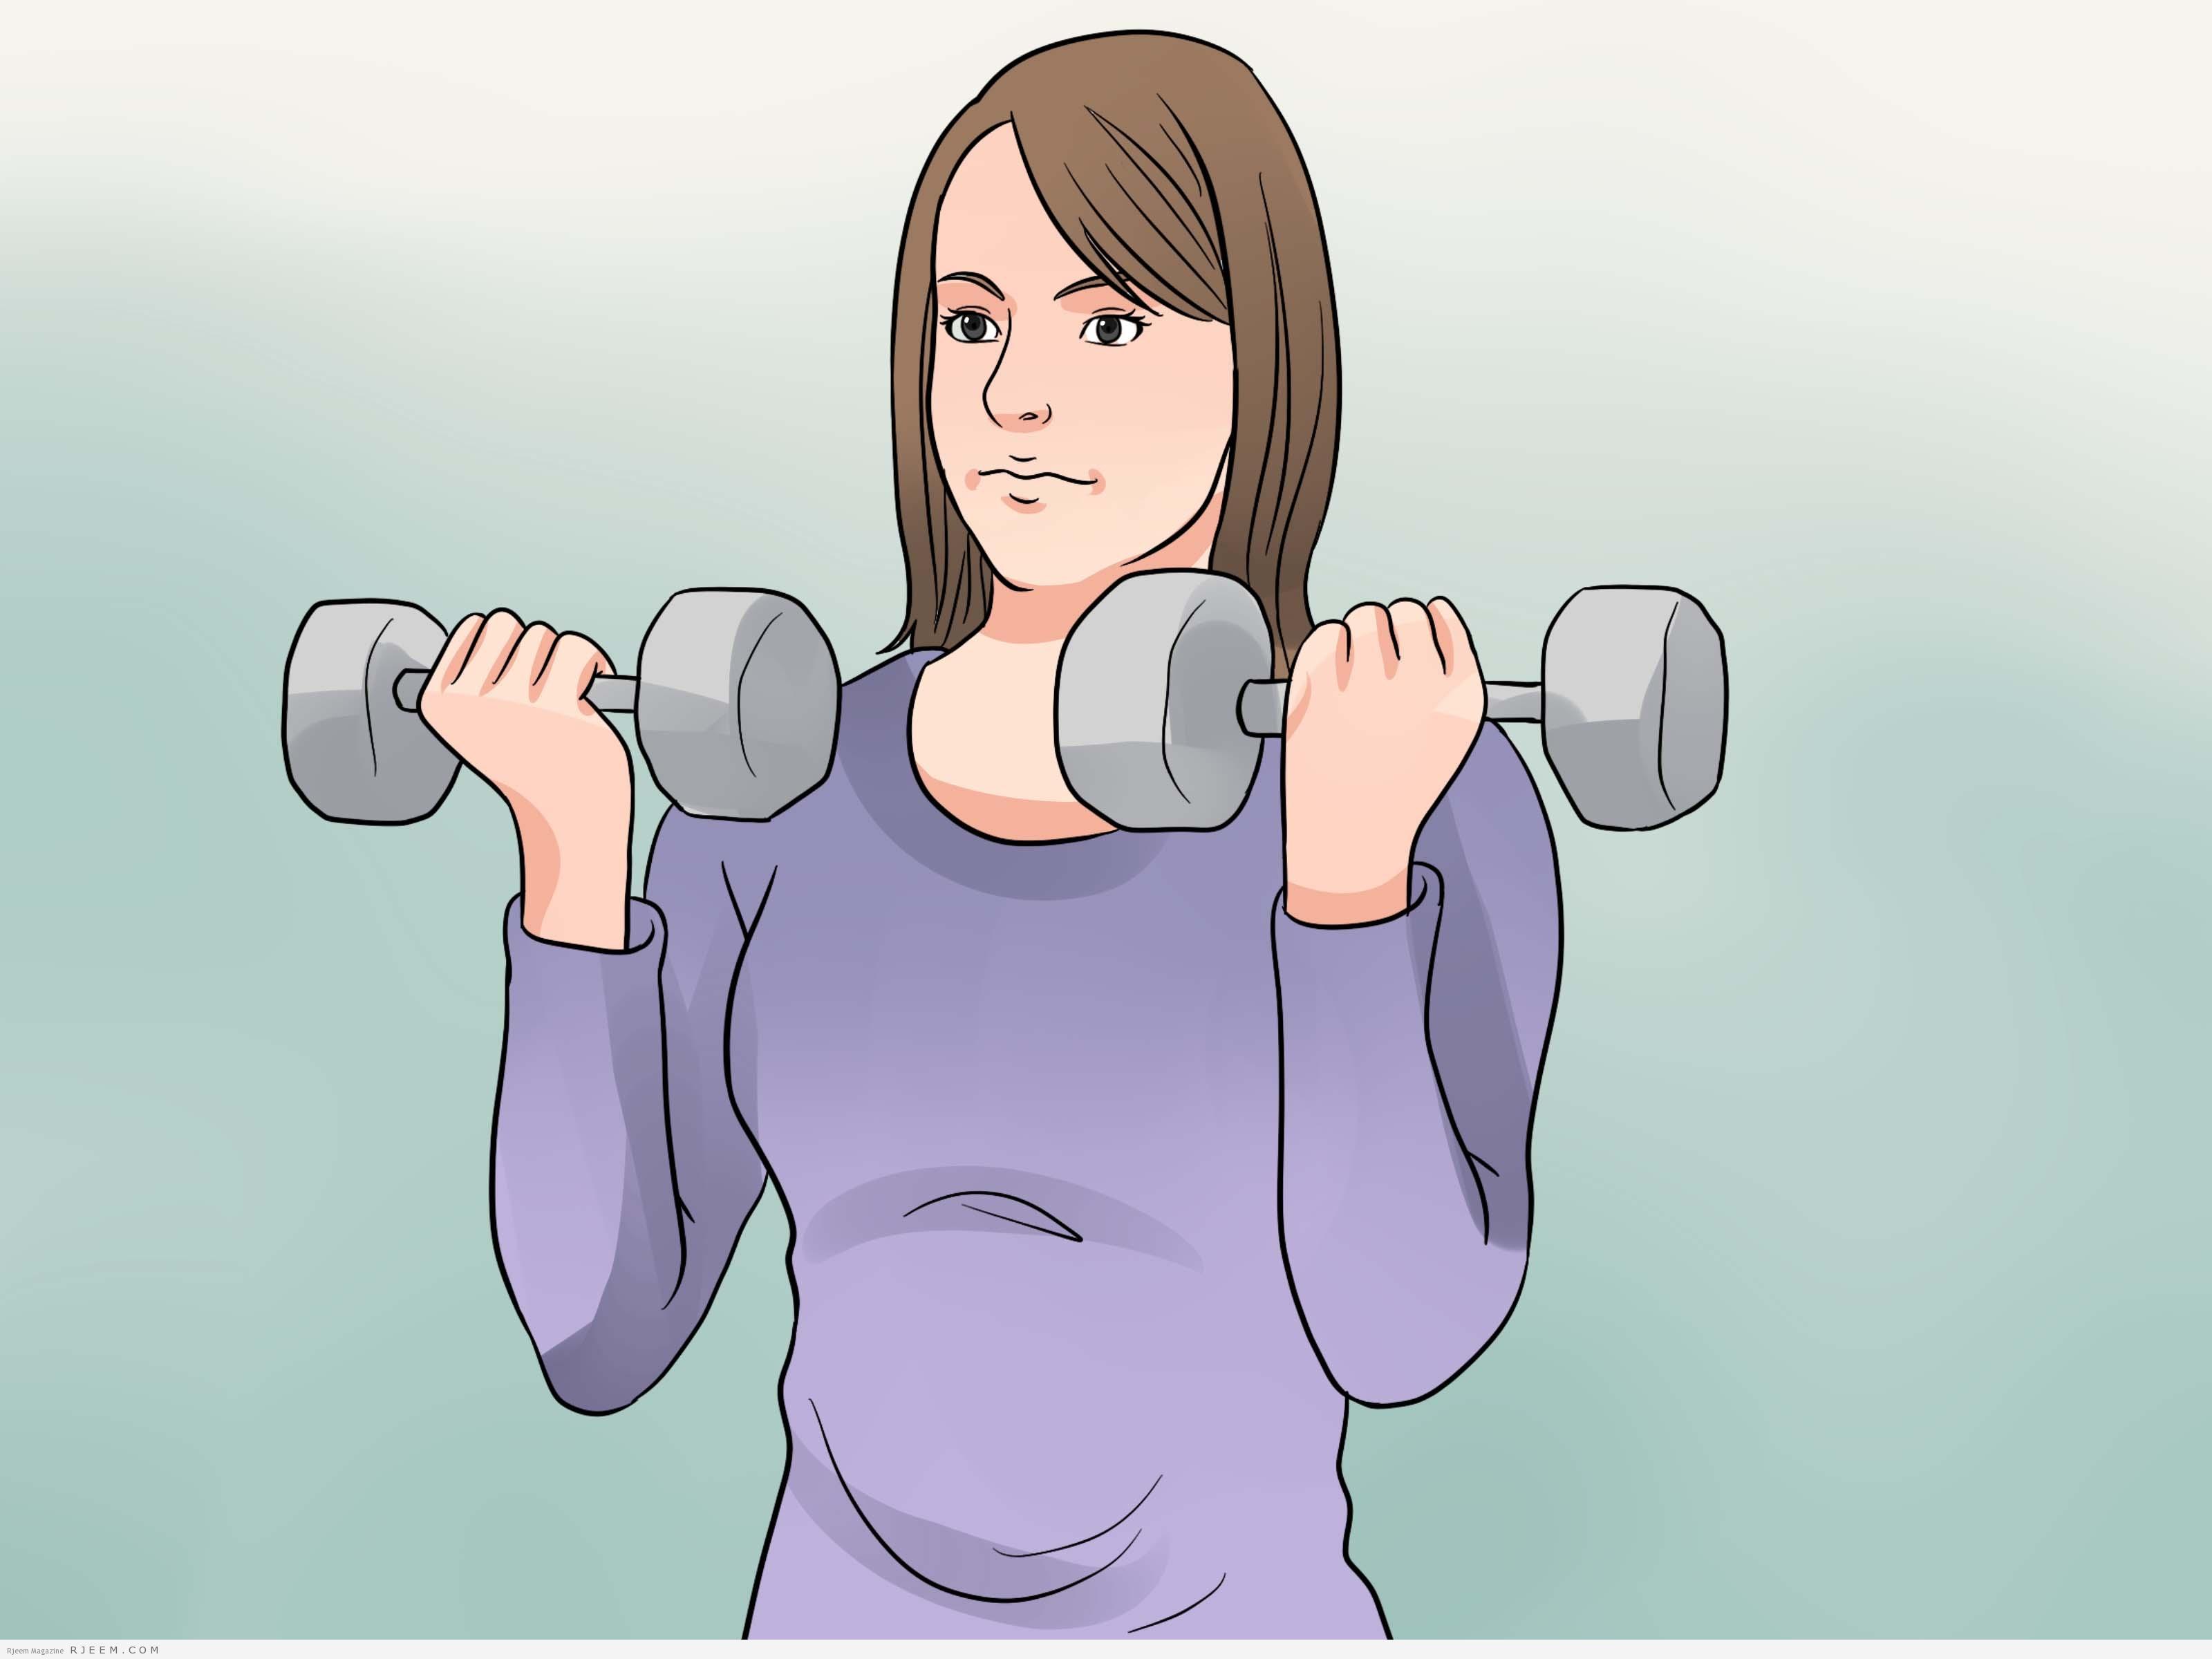 خلطة الاعشاب لتخسيس الوزن